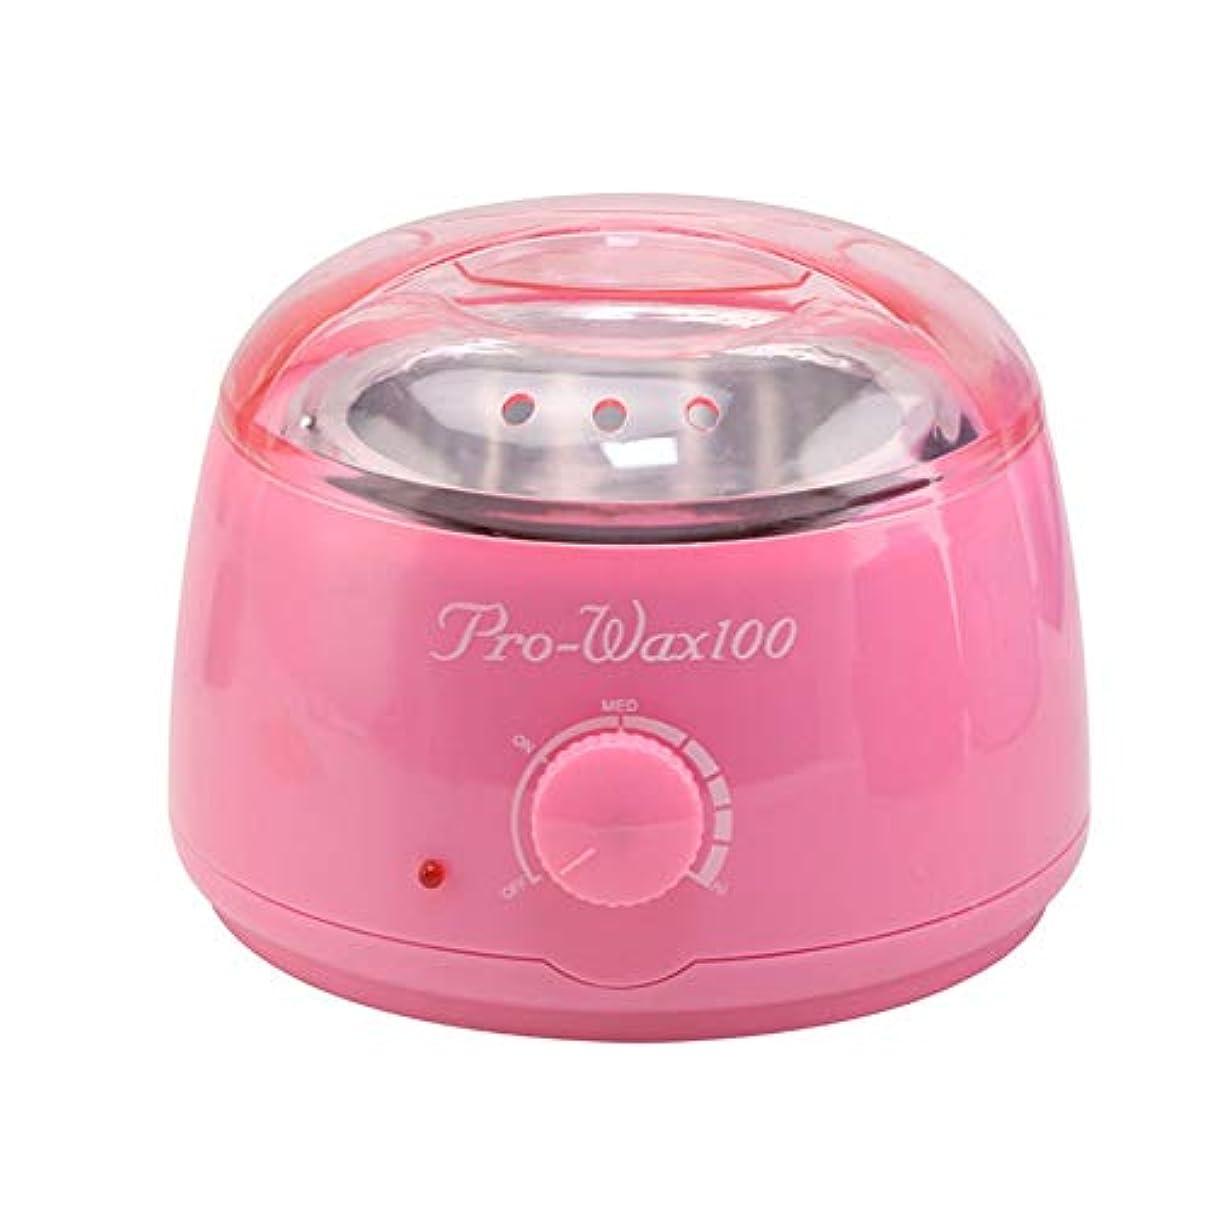 ショルダー上げるさびたプロフェッショナル暖かいワックスヒーター脱毛ツールミニスパ手足パラフィンワックス機ボディ脱毛ワックス豆ホットワックス脱毛脱毛ワックス機500CC (Color : Pink)